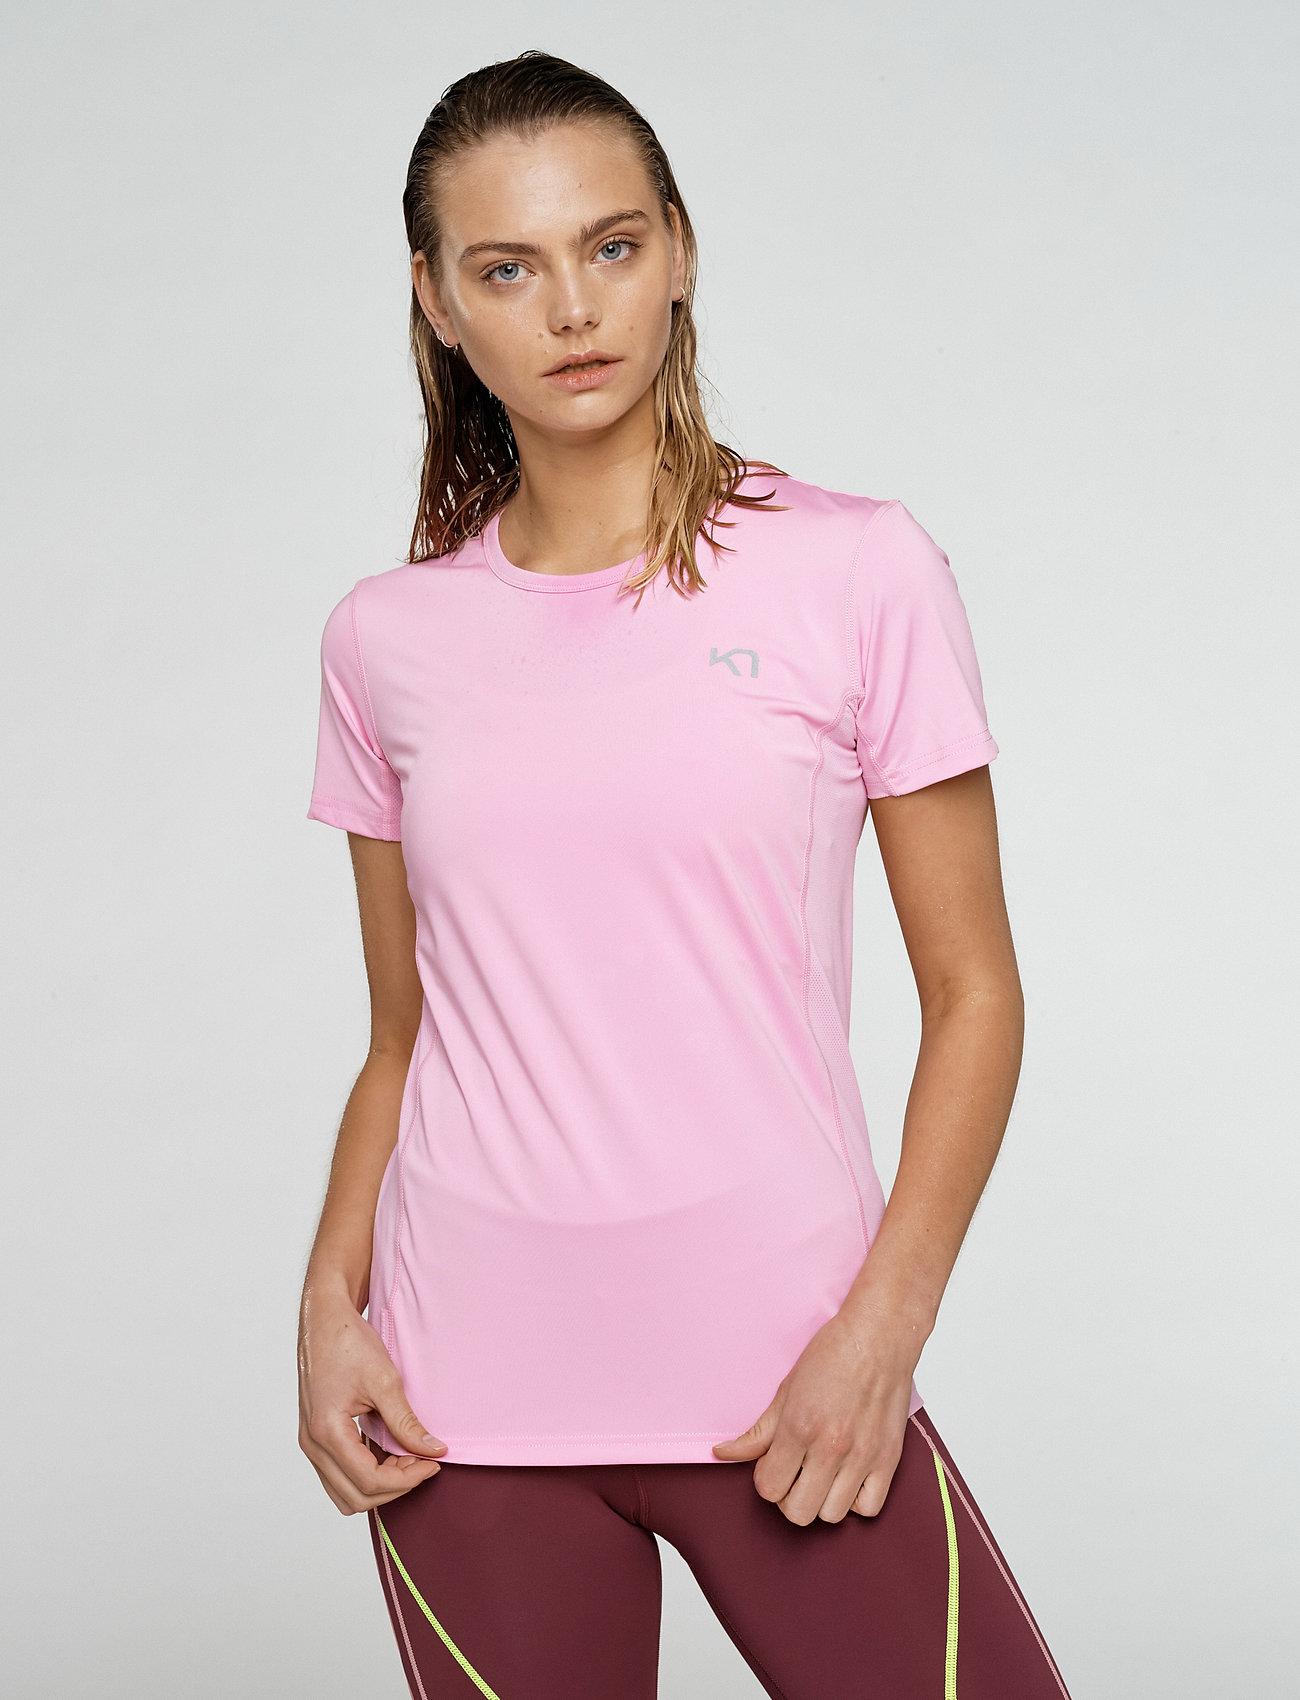 Kari Traa - NORA TEE - t-shirts - prism - 0